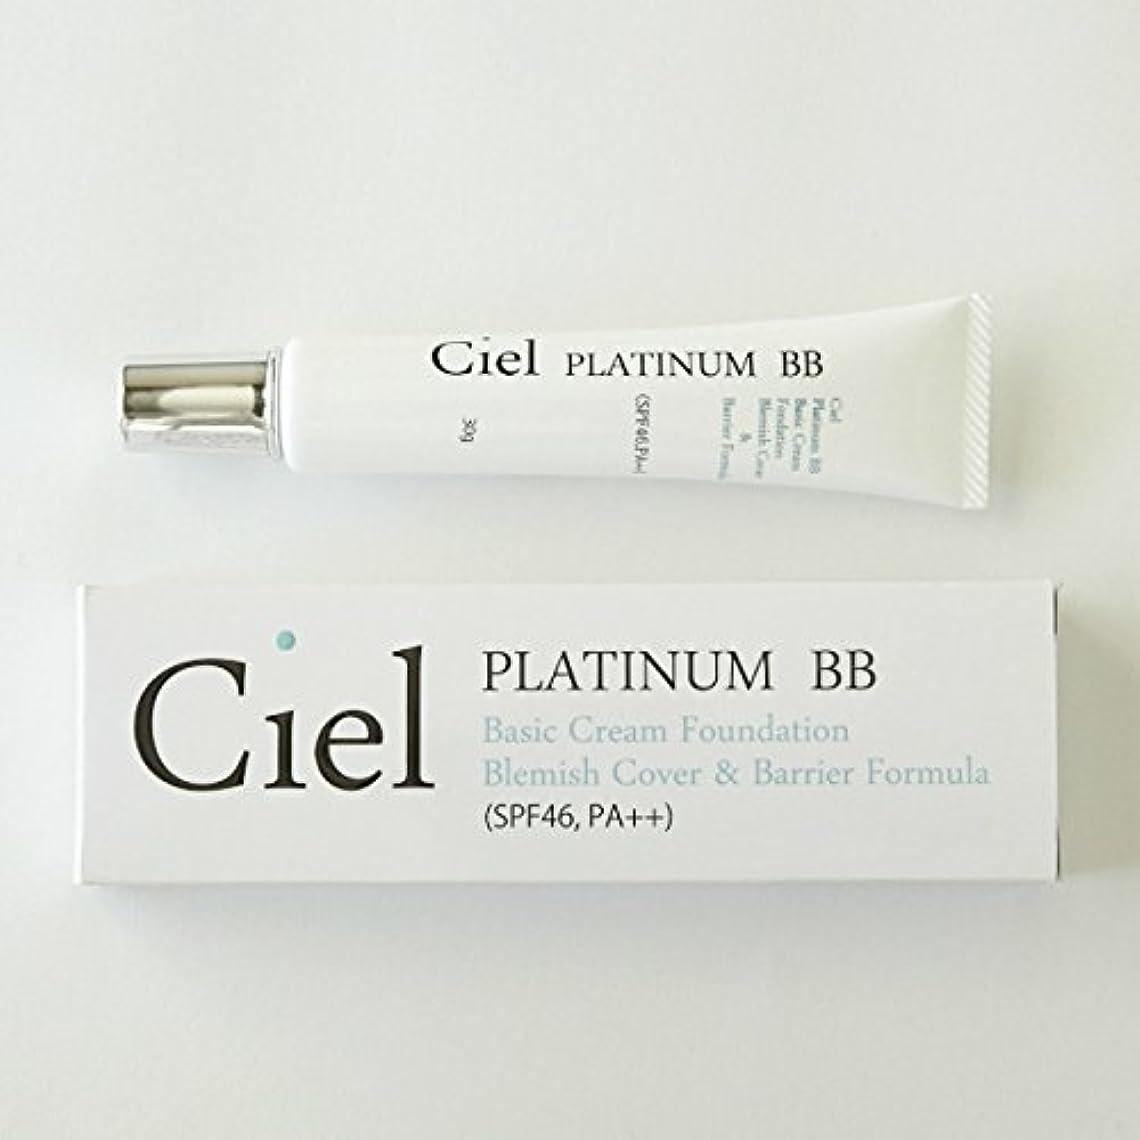 裁量変形番号Ciel Salon de Beaute Ciel PLATINUM BB SPF46 BBクリーム ファンデーション 日本製 日焼け止め